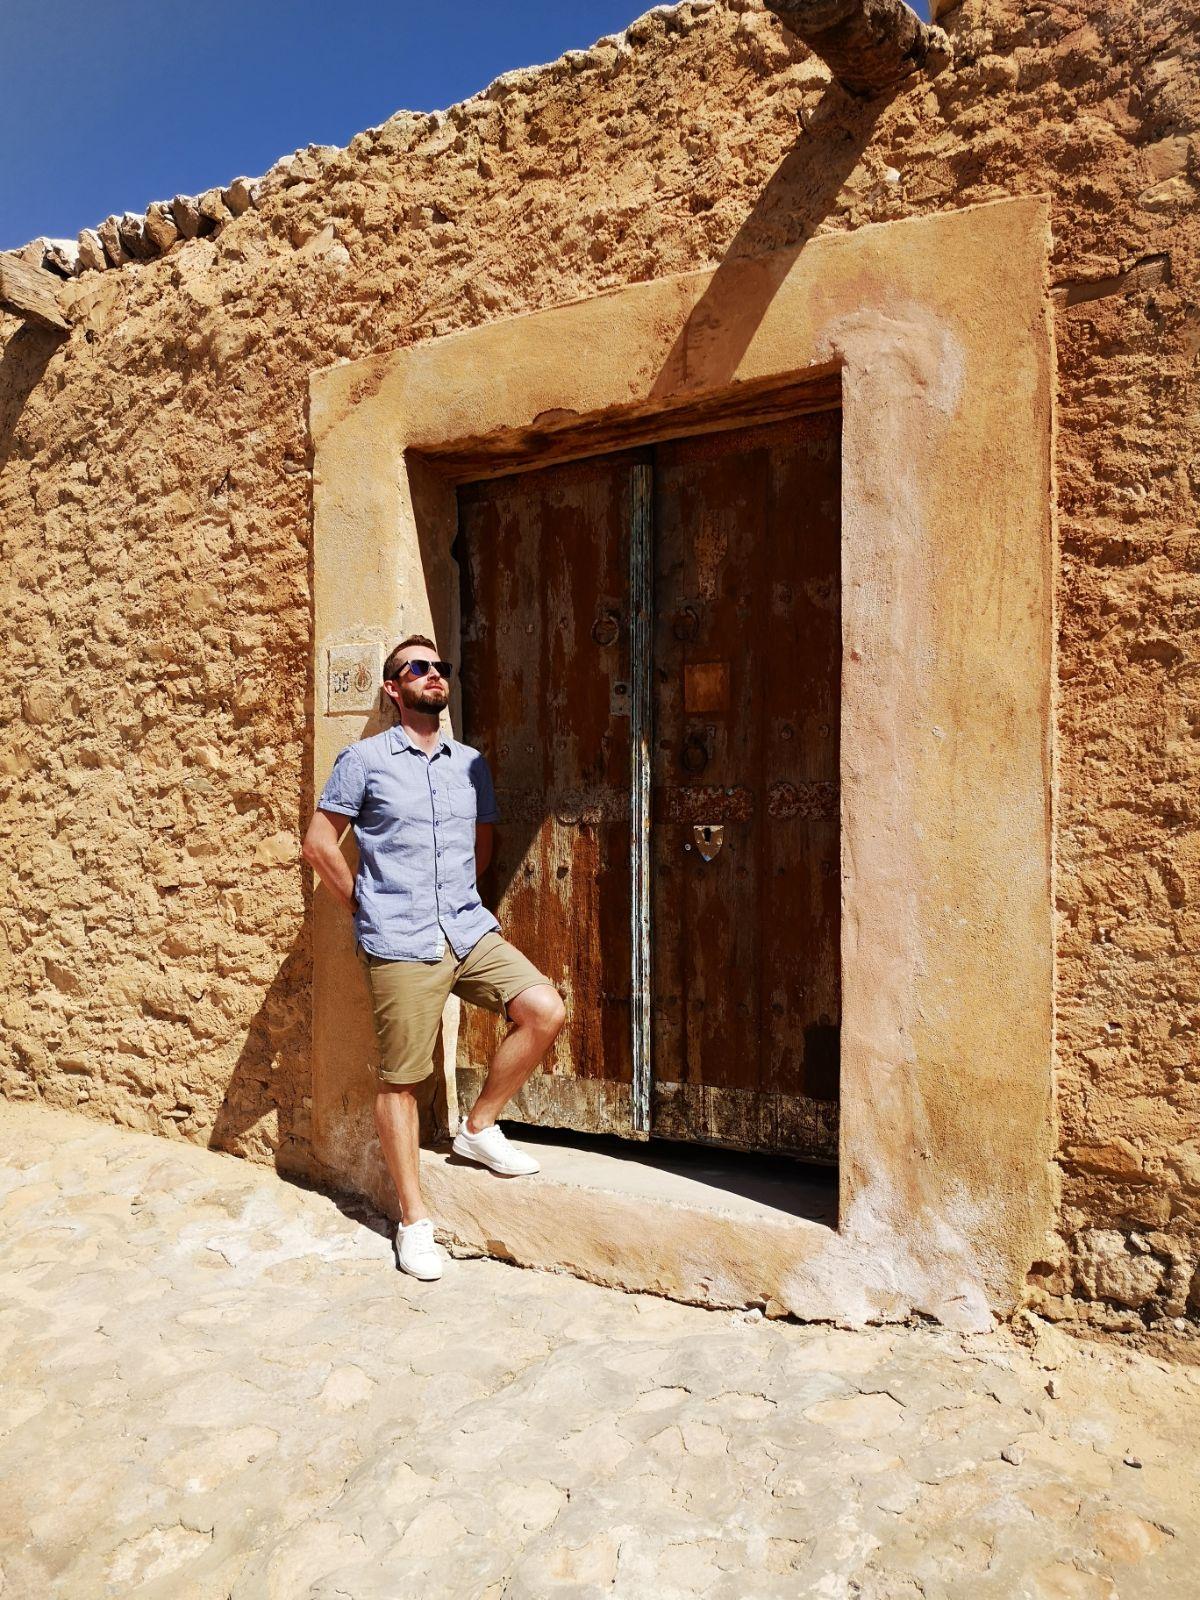 chebika miasteczko tunezja drzwi tunezja